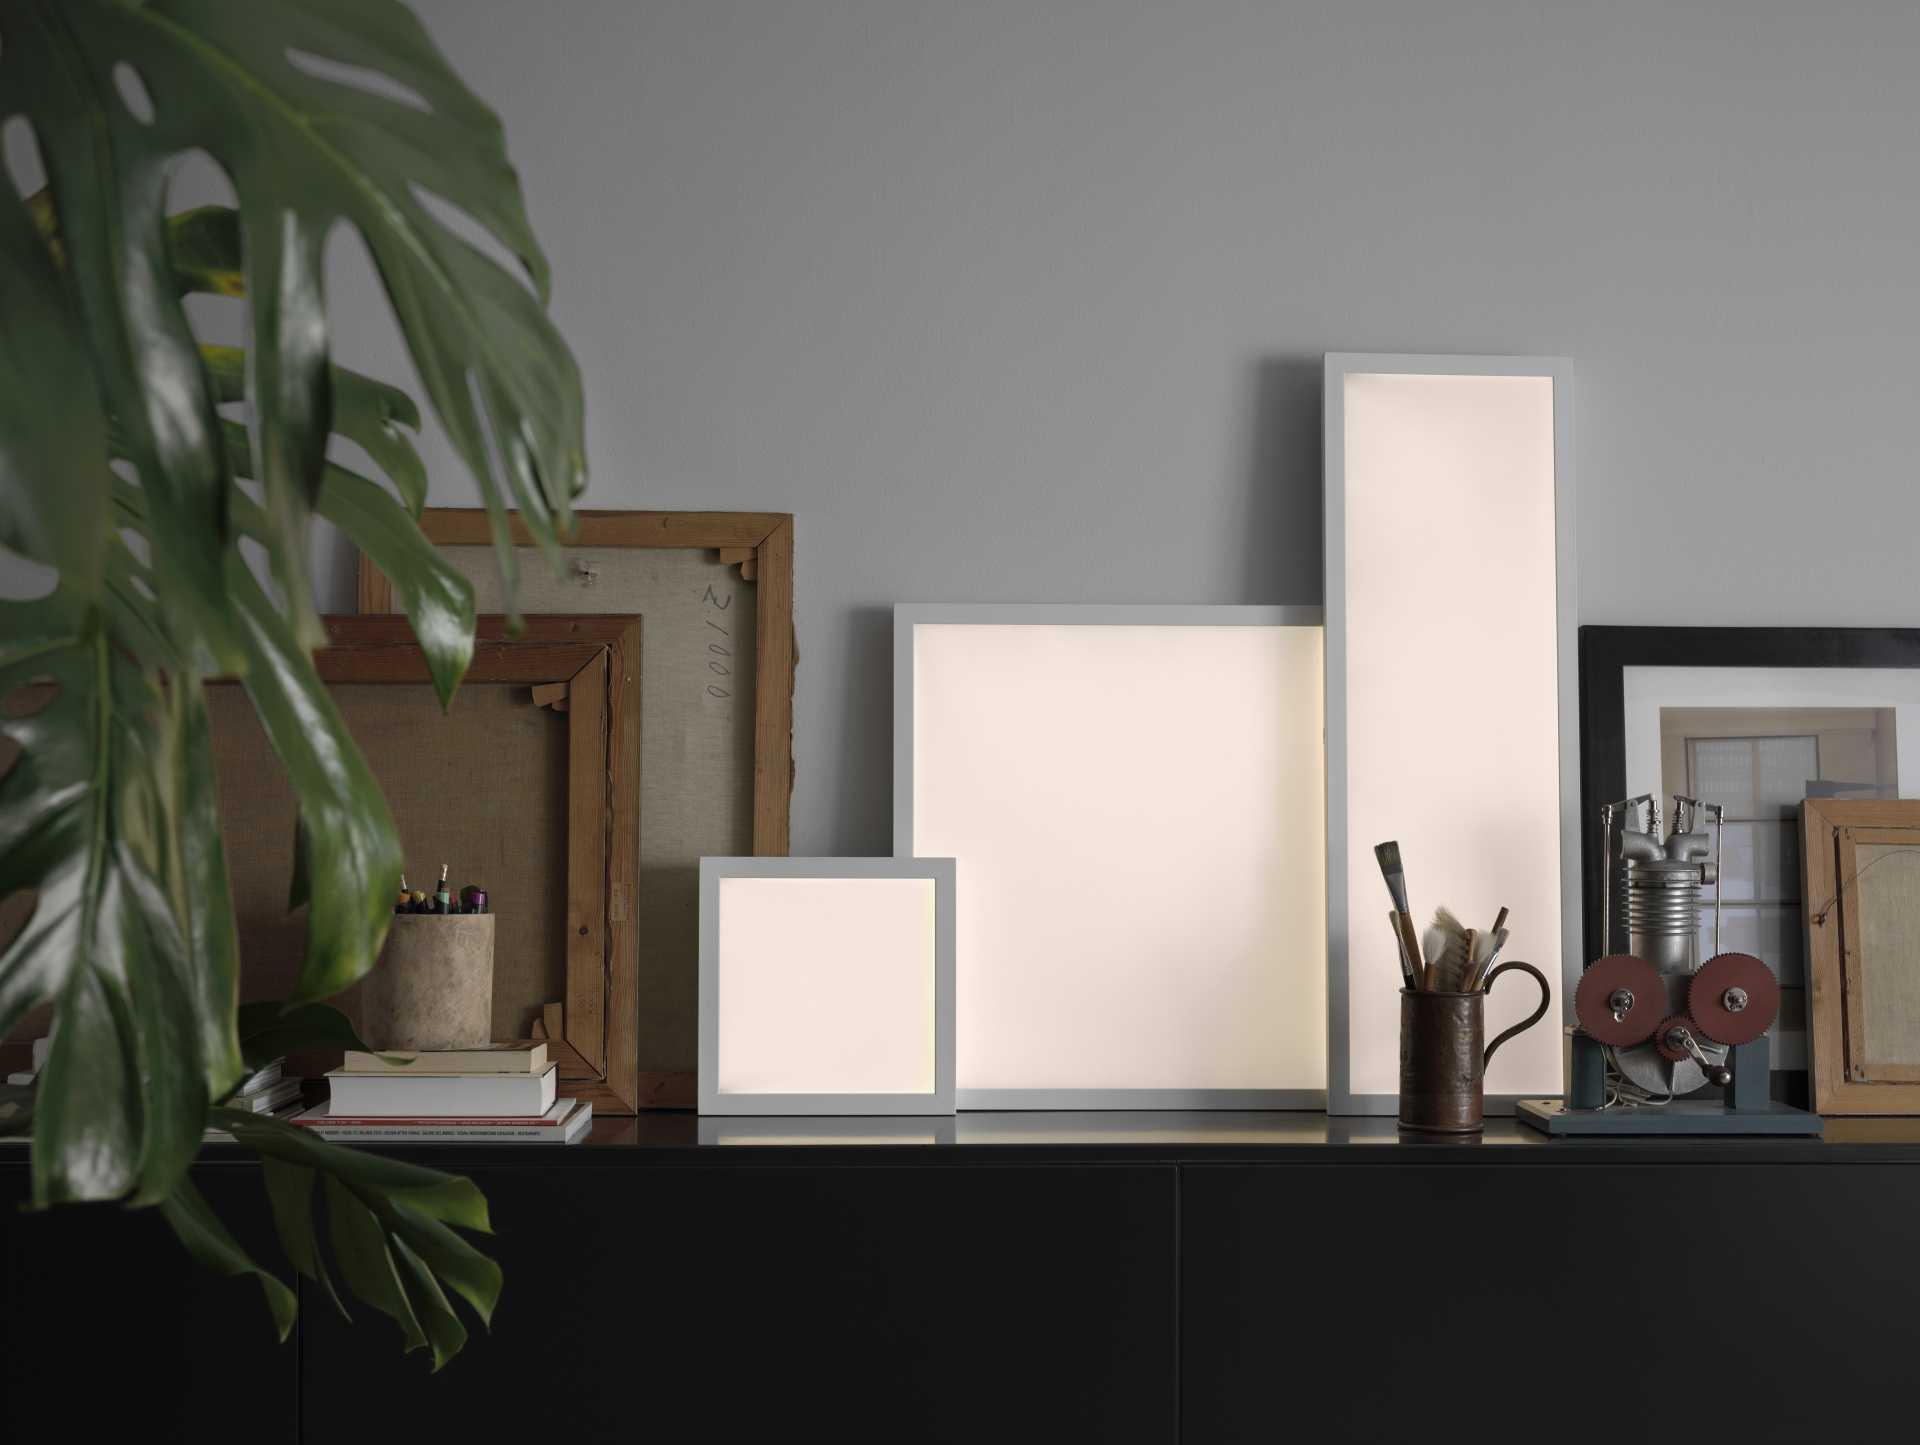 IKEA lansează o aplicație pentru ajustarea luminii în casă